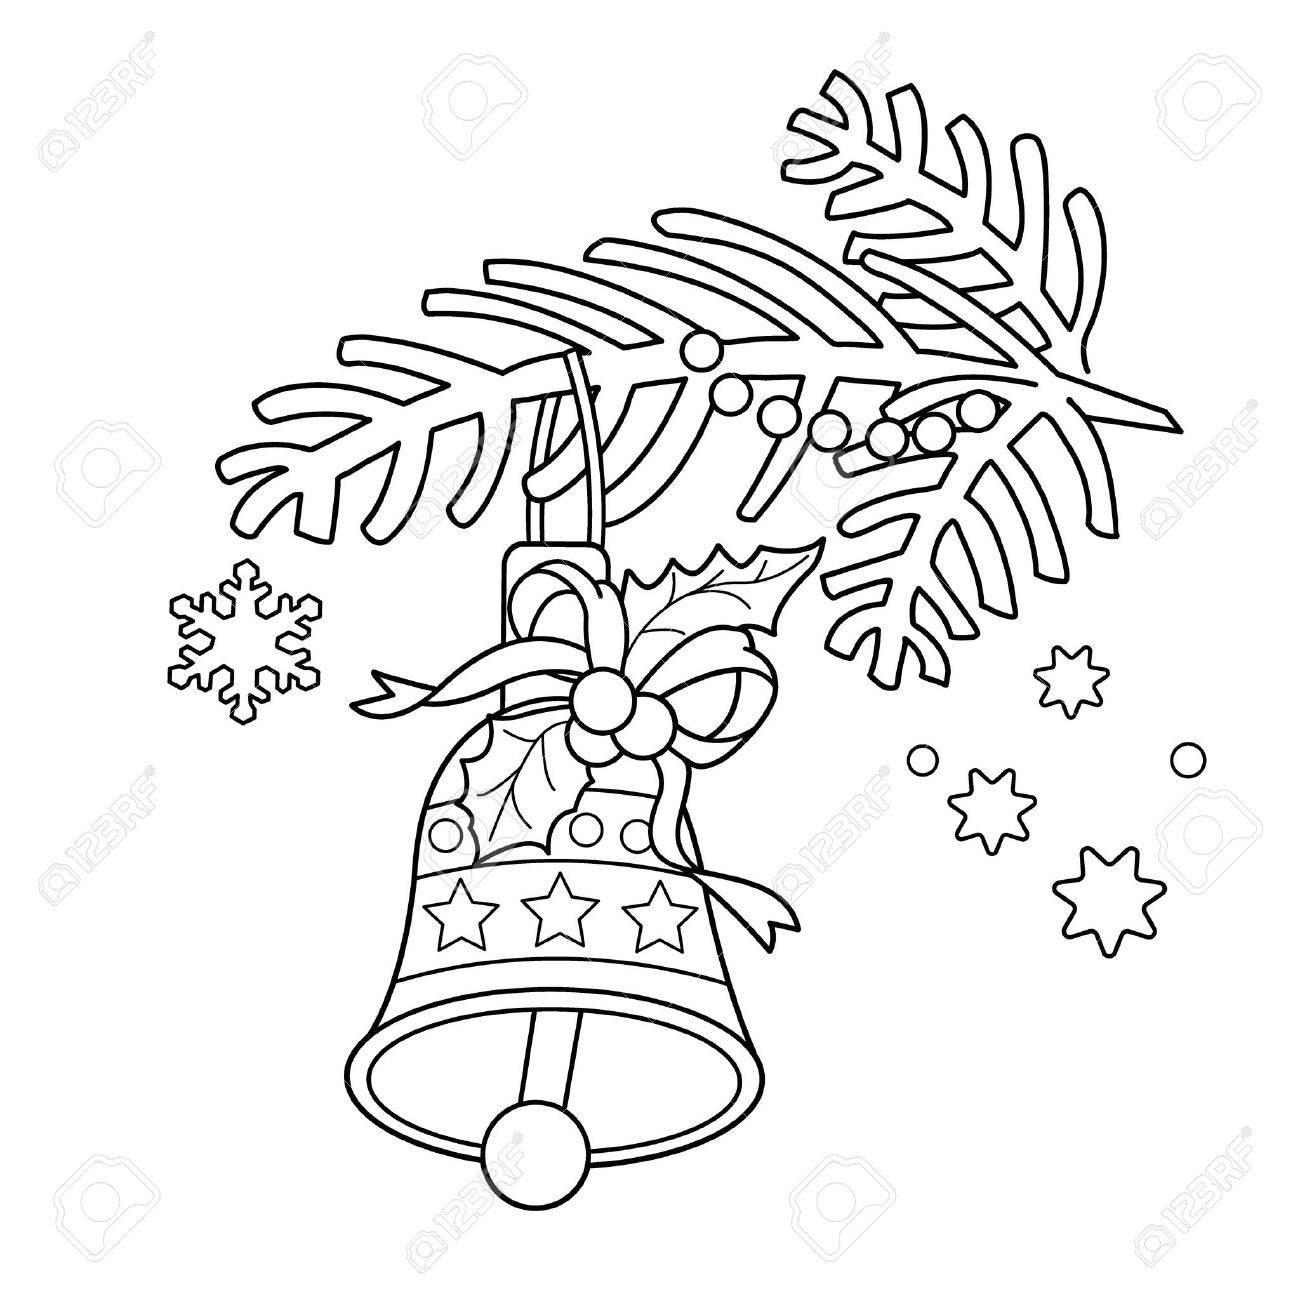 Página Para Colorear Esquema De Campana De Navidad. Rama De Un árbol ...